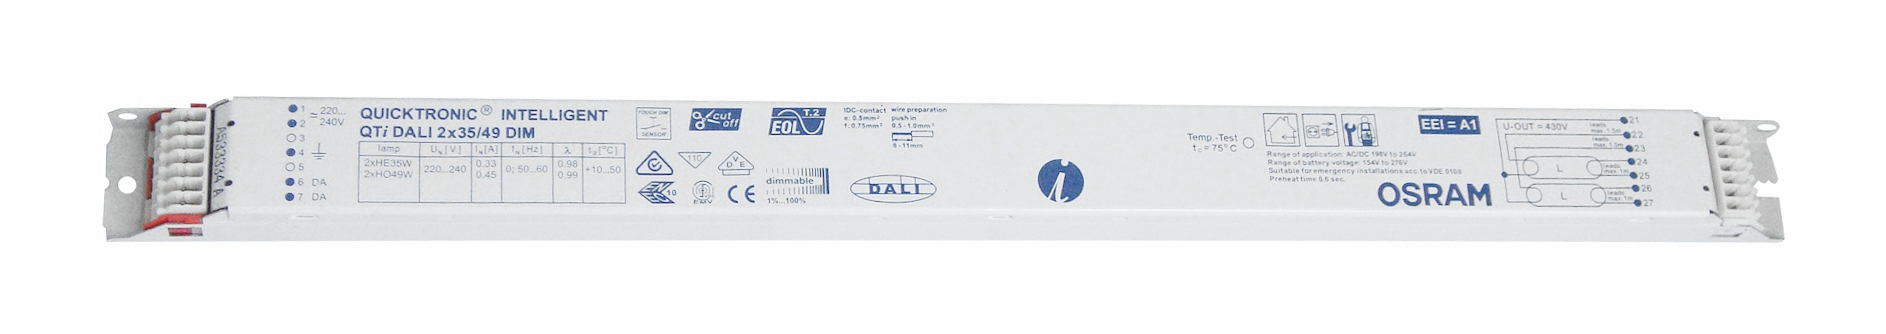 EVG QTIDALI 2x21/39/220-240 für T5 dimmbar DALI